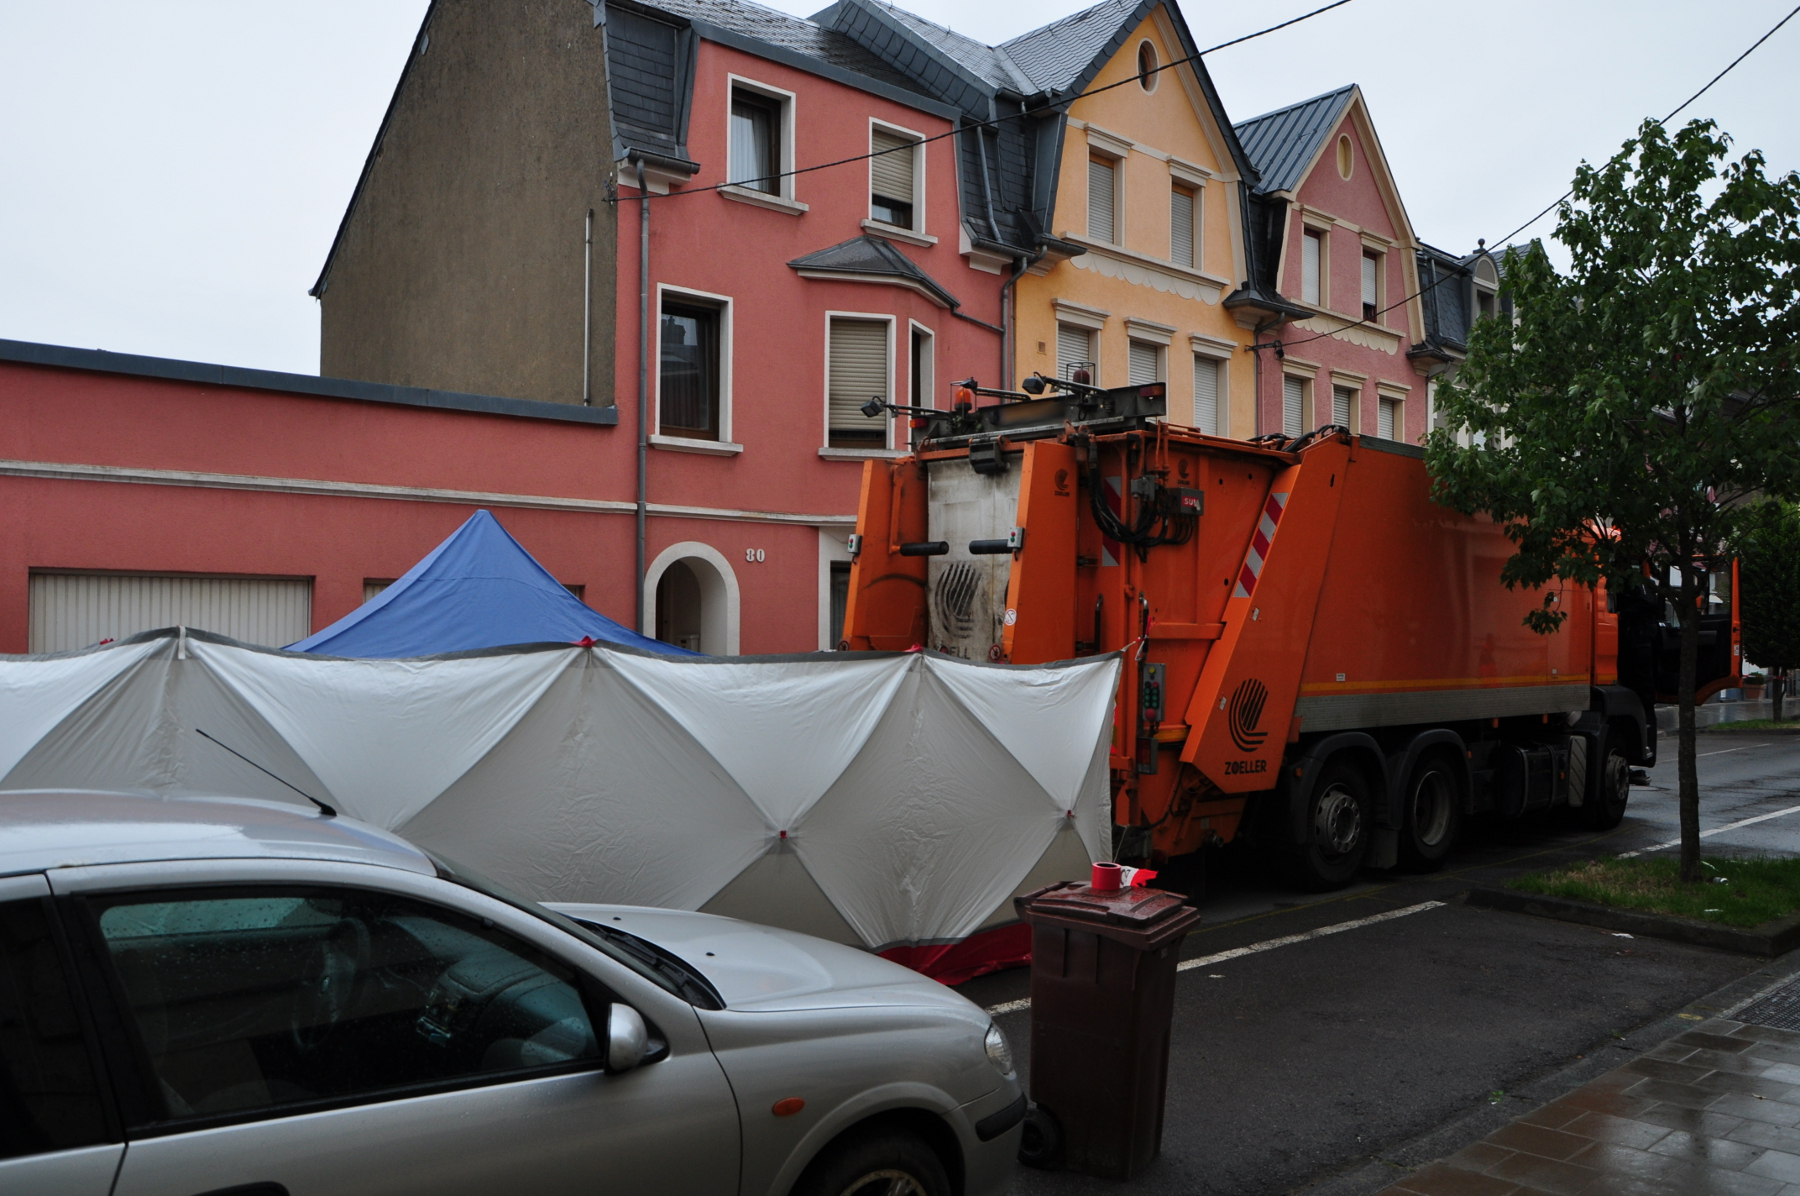 L'accident s'est produit ce jeudi matin vers 8 heures, avenue Oberkorn. (photo police grand-ducale)